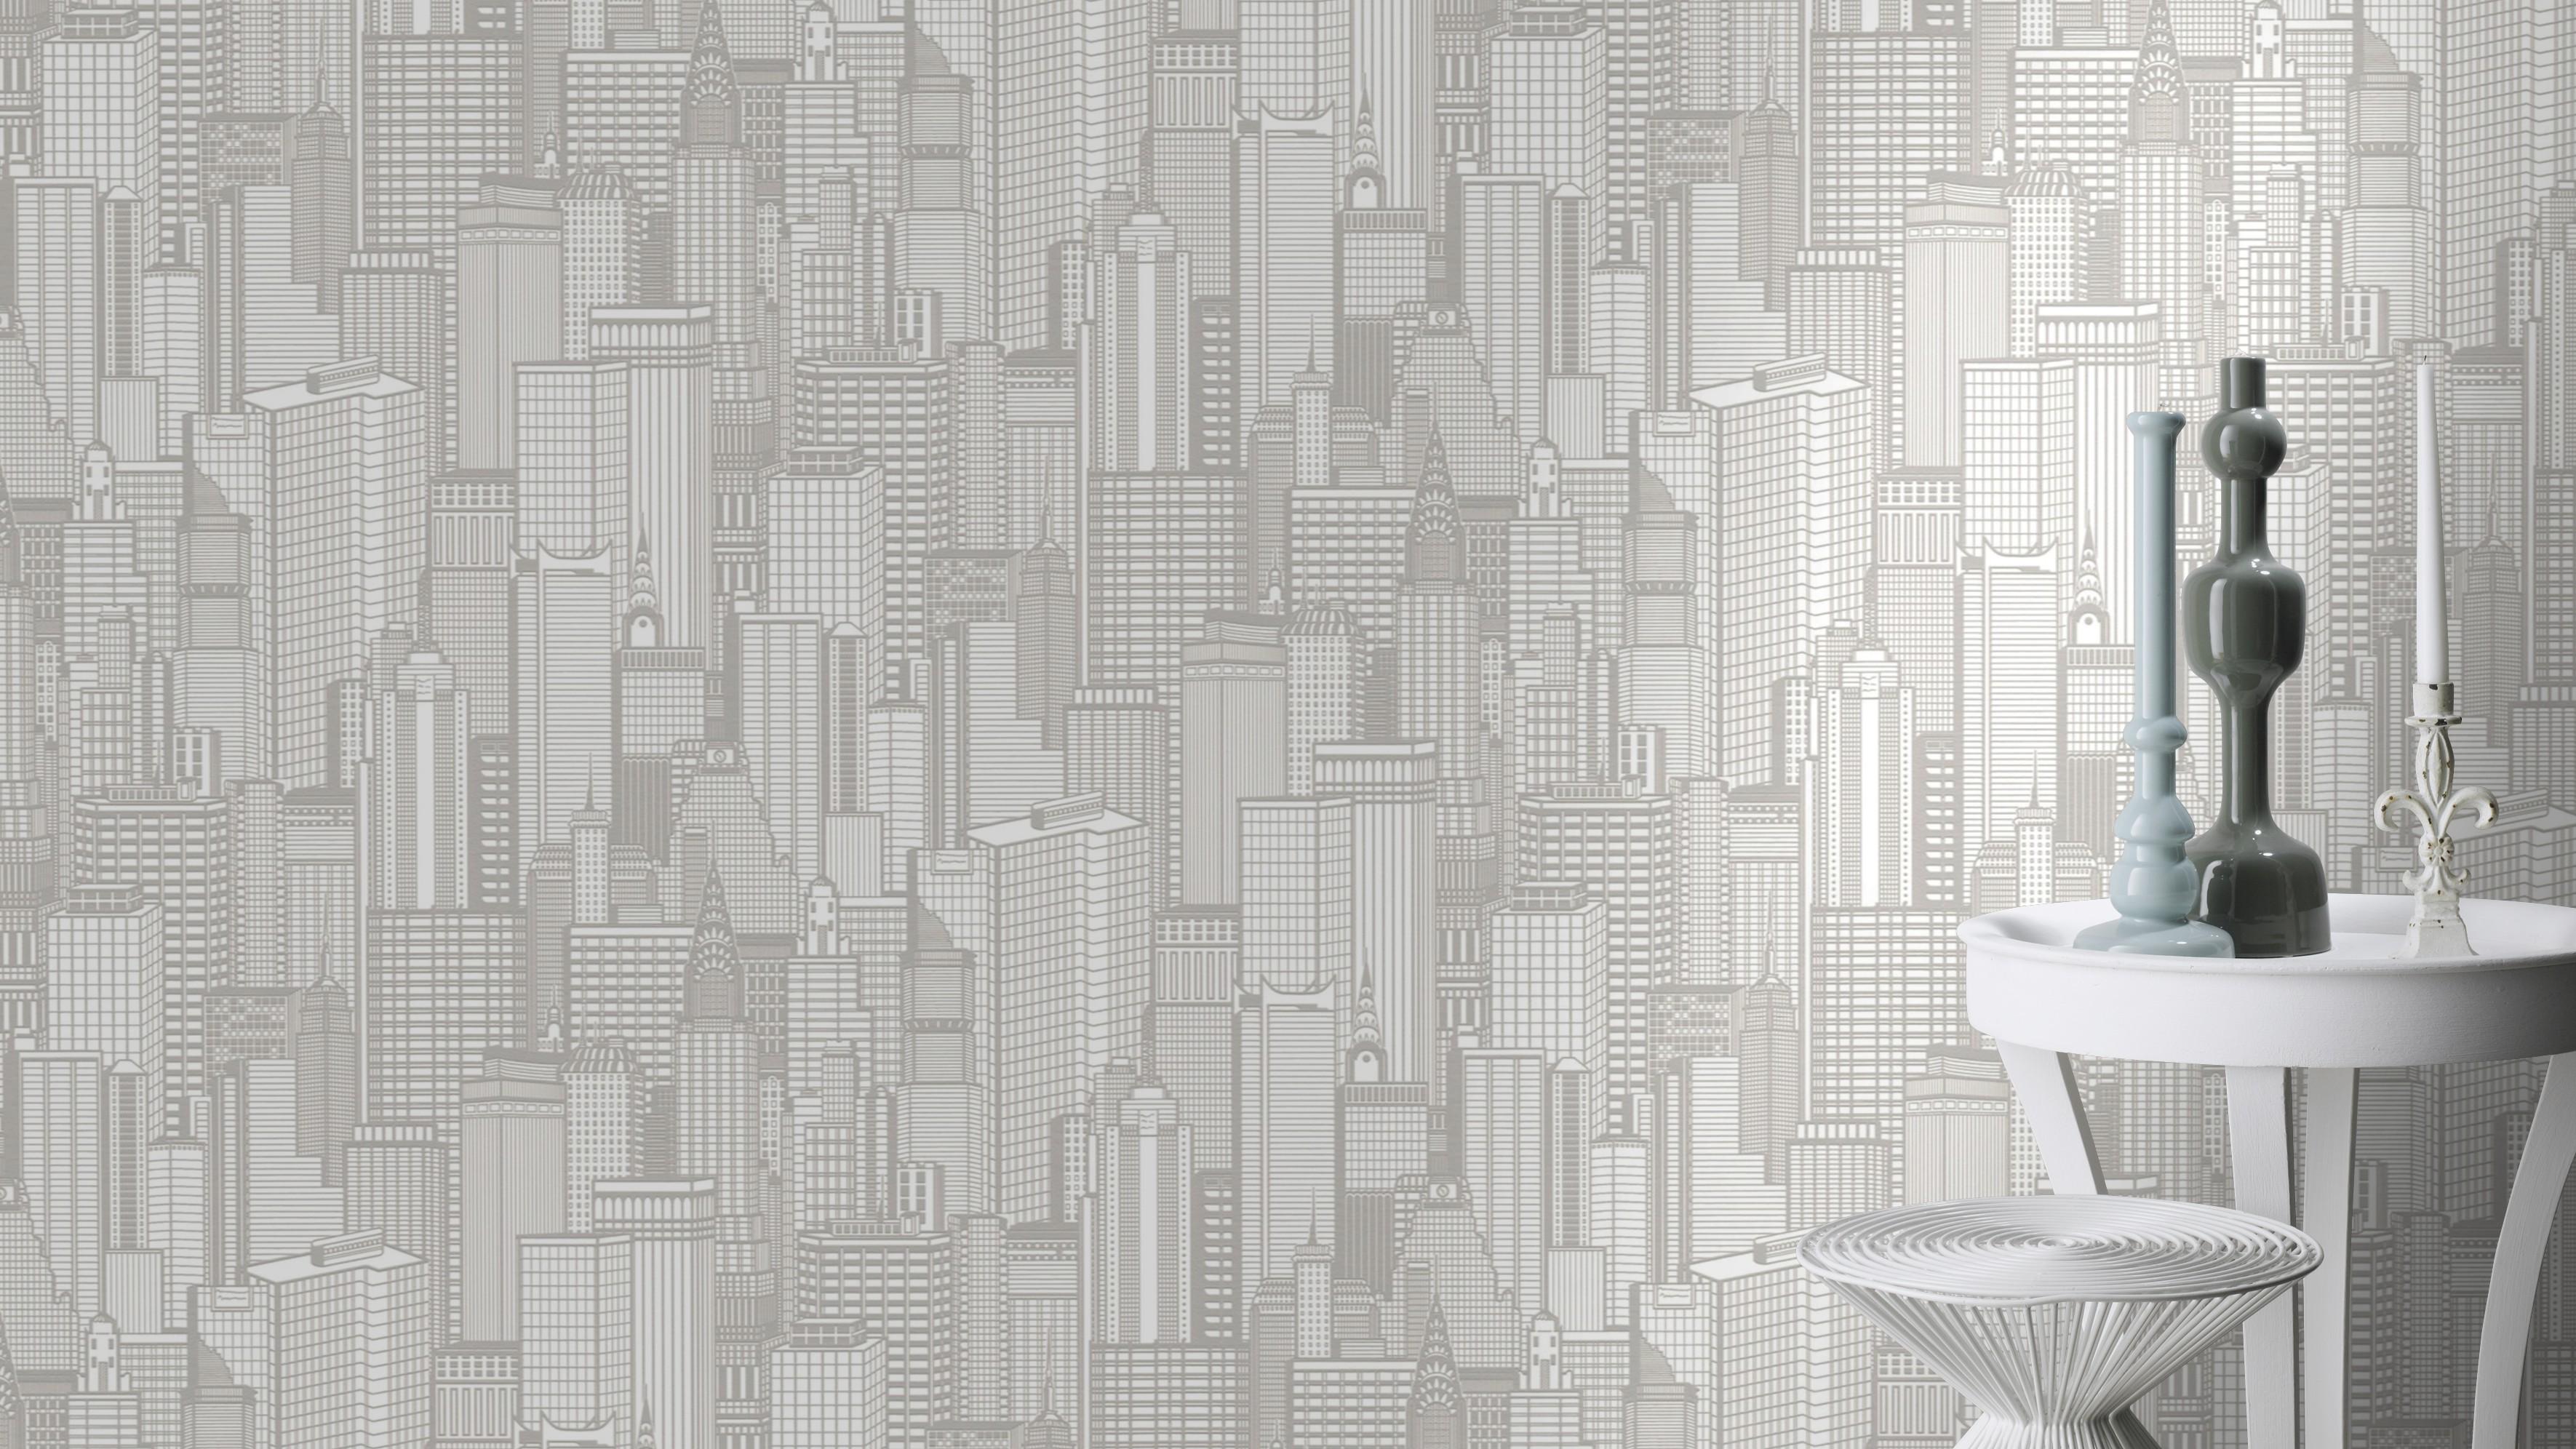 Krém színű felhőkarcoló mintás tapéta